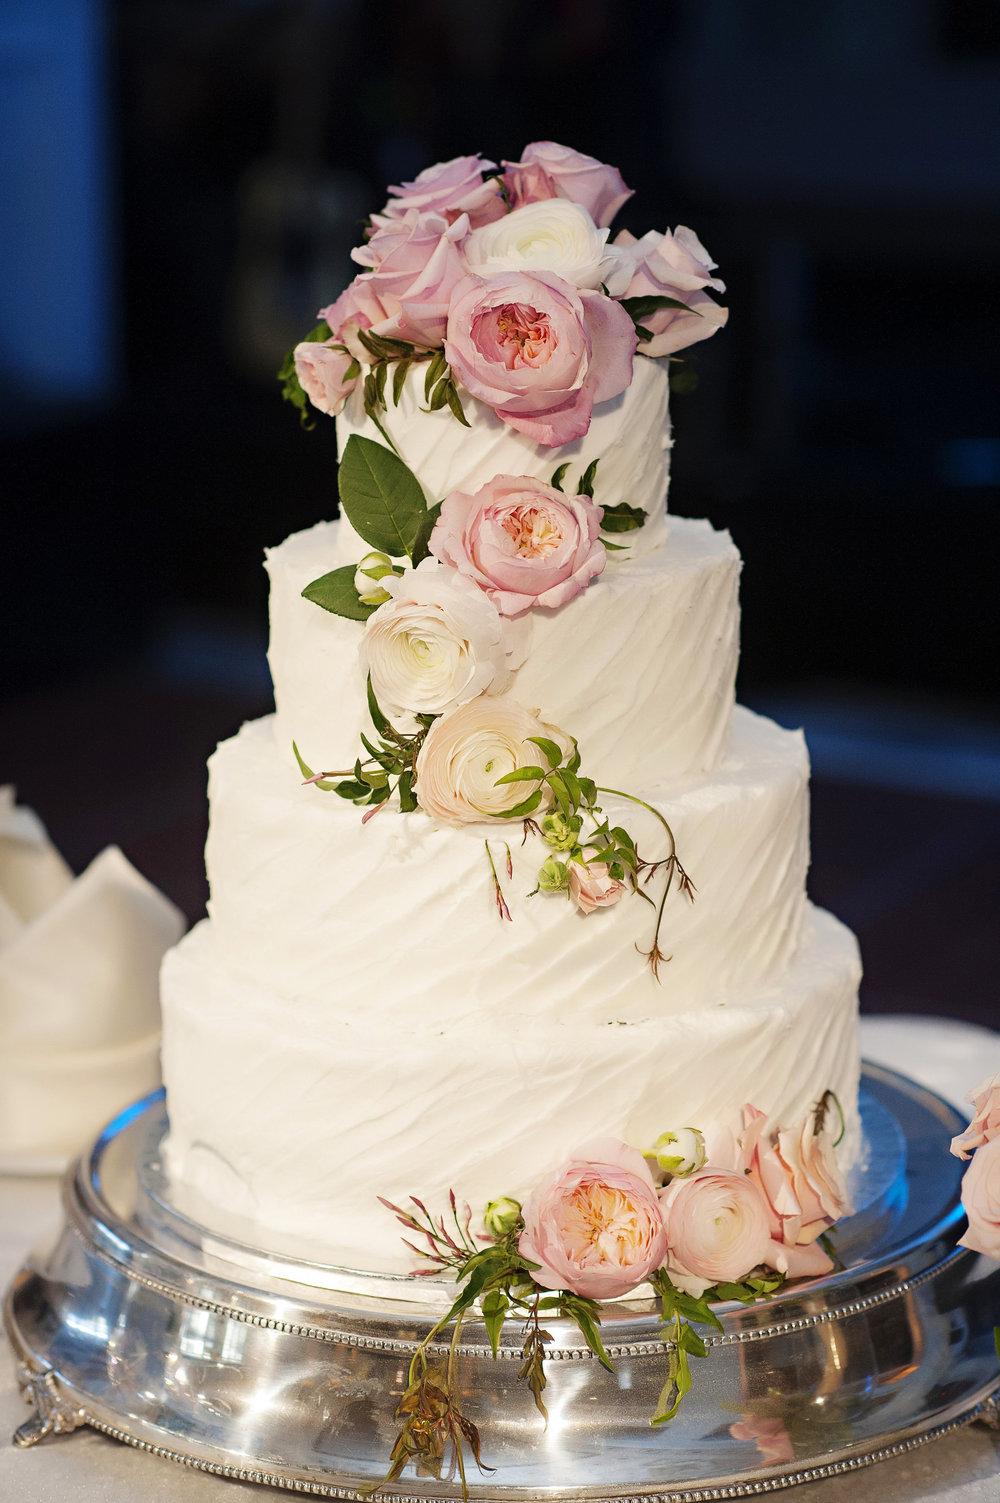 Garden Themed Wedding Cake at The Renaissance